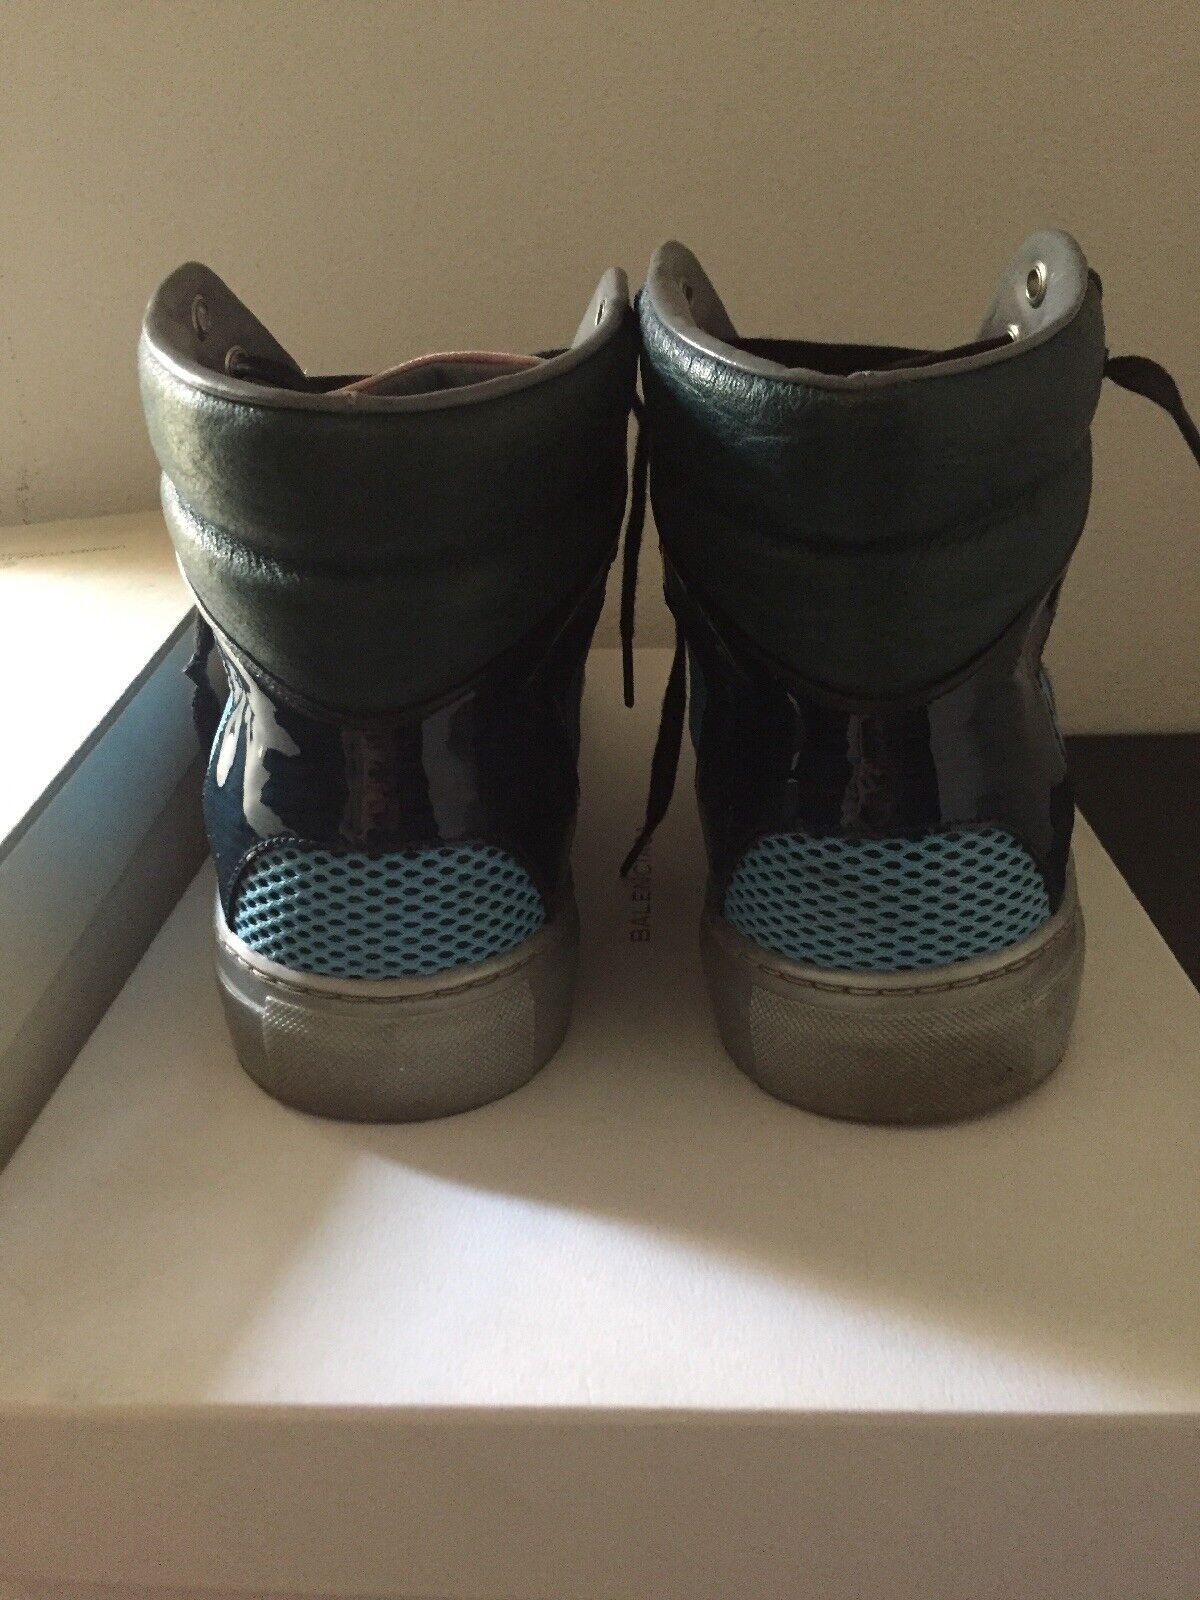 BALENCIAGA BALENCIAGA BALENCIAGA High-Top scarpe da ginnastica Rare 43 Justin Bieber   Lasciare Che Il Nostro Commodities Andare Per Il Mondo    Scolaro/Signora Scarpa  0e5ec6